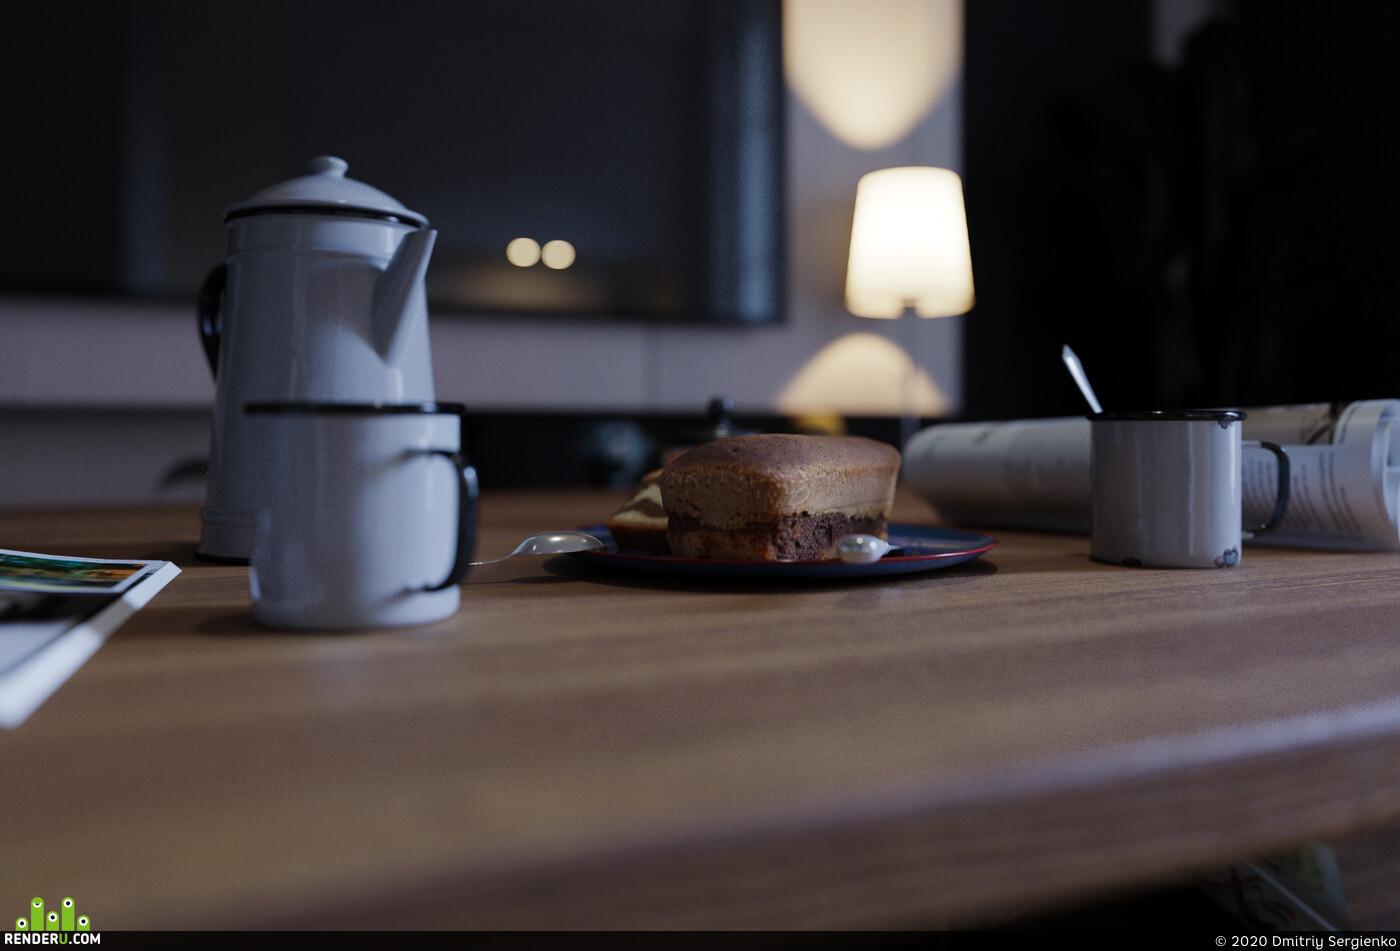 гранат, кухня, Диван для гостиной мебель интерьер дизайн фурнитура гостиная комната отдыха модель полигоны кожа текстура ткань минимализм мода спаль, visualization 3д визуализация интерьера Интерьерная визуализация визуализация интерьера гостиная 3d 3ds Max, кухня-гостиная, гостиная, дизайн интерьера гостиной, кровать, паркет, Работа со светом